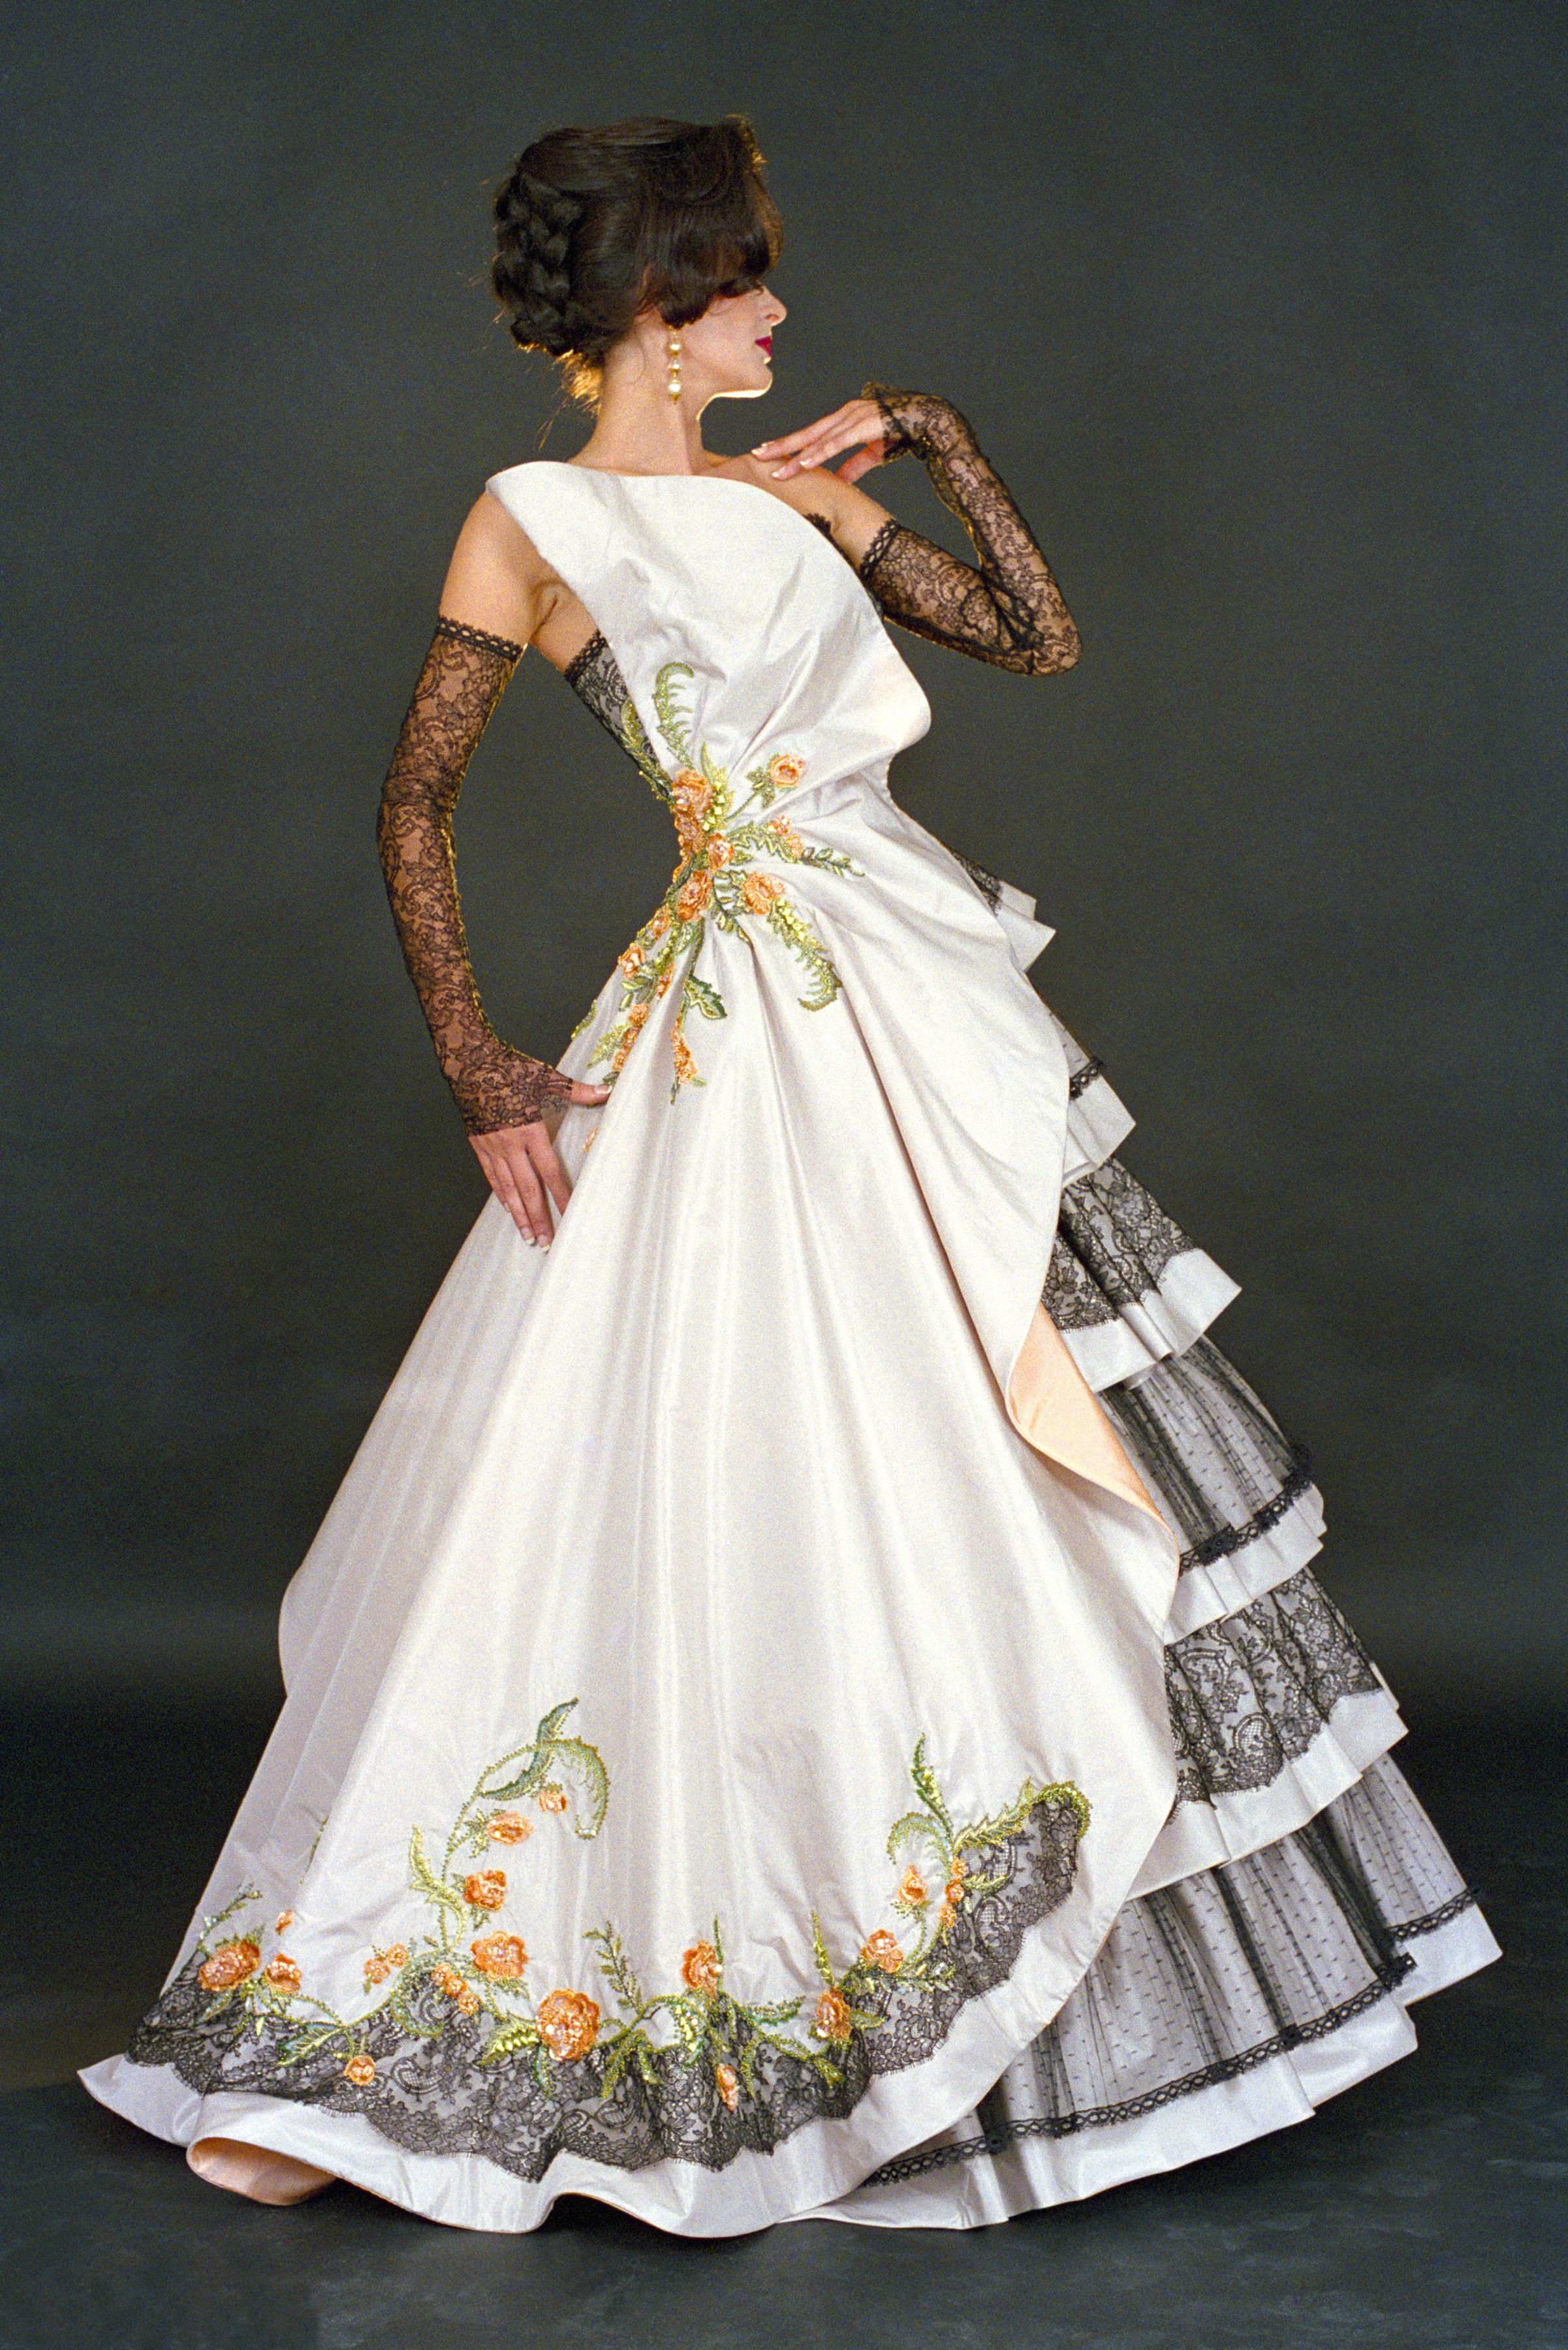 298d94813787 Haute Couture šaty Blanky Matragi kolekce k 15. výročí